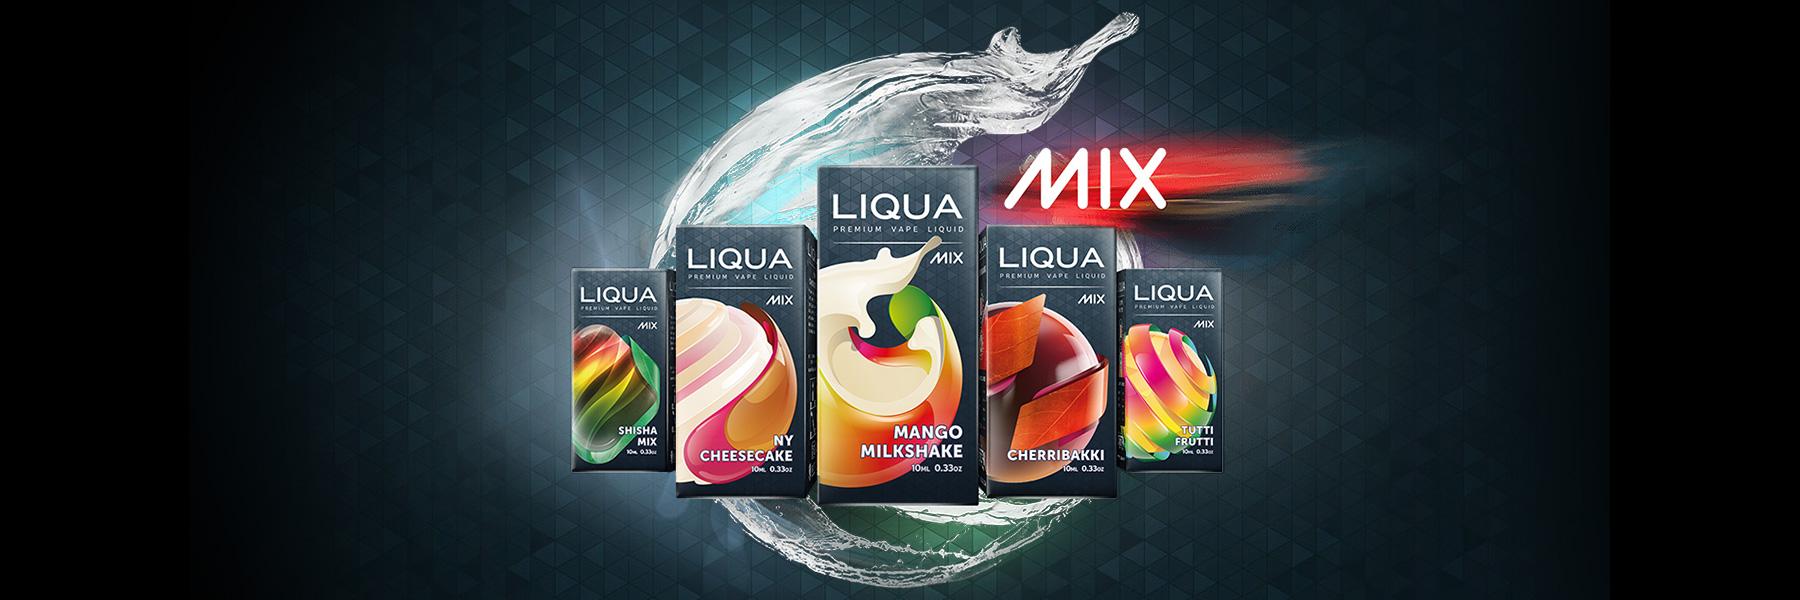 Líquido LIQUA Mixes | Ritchy | Chocolate Mint